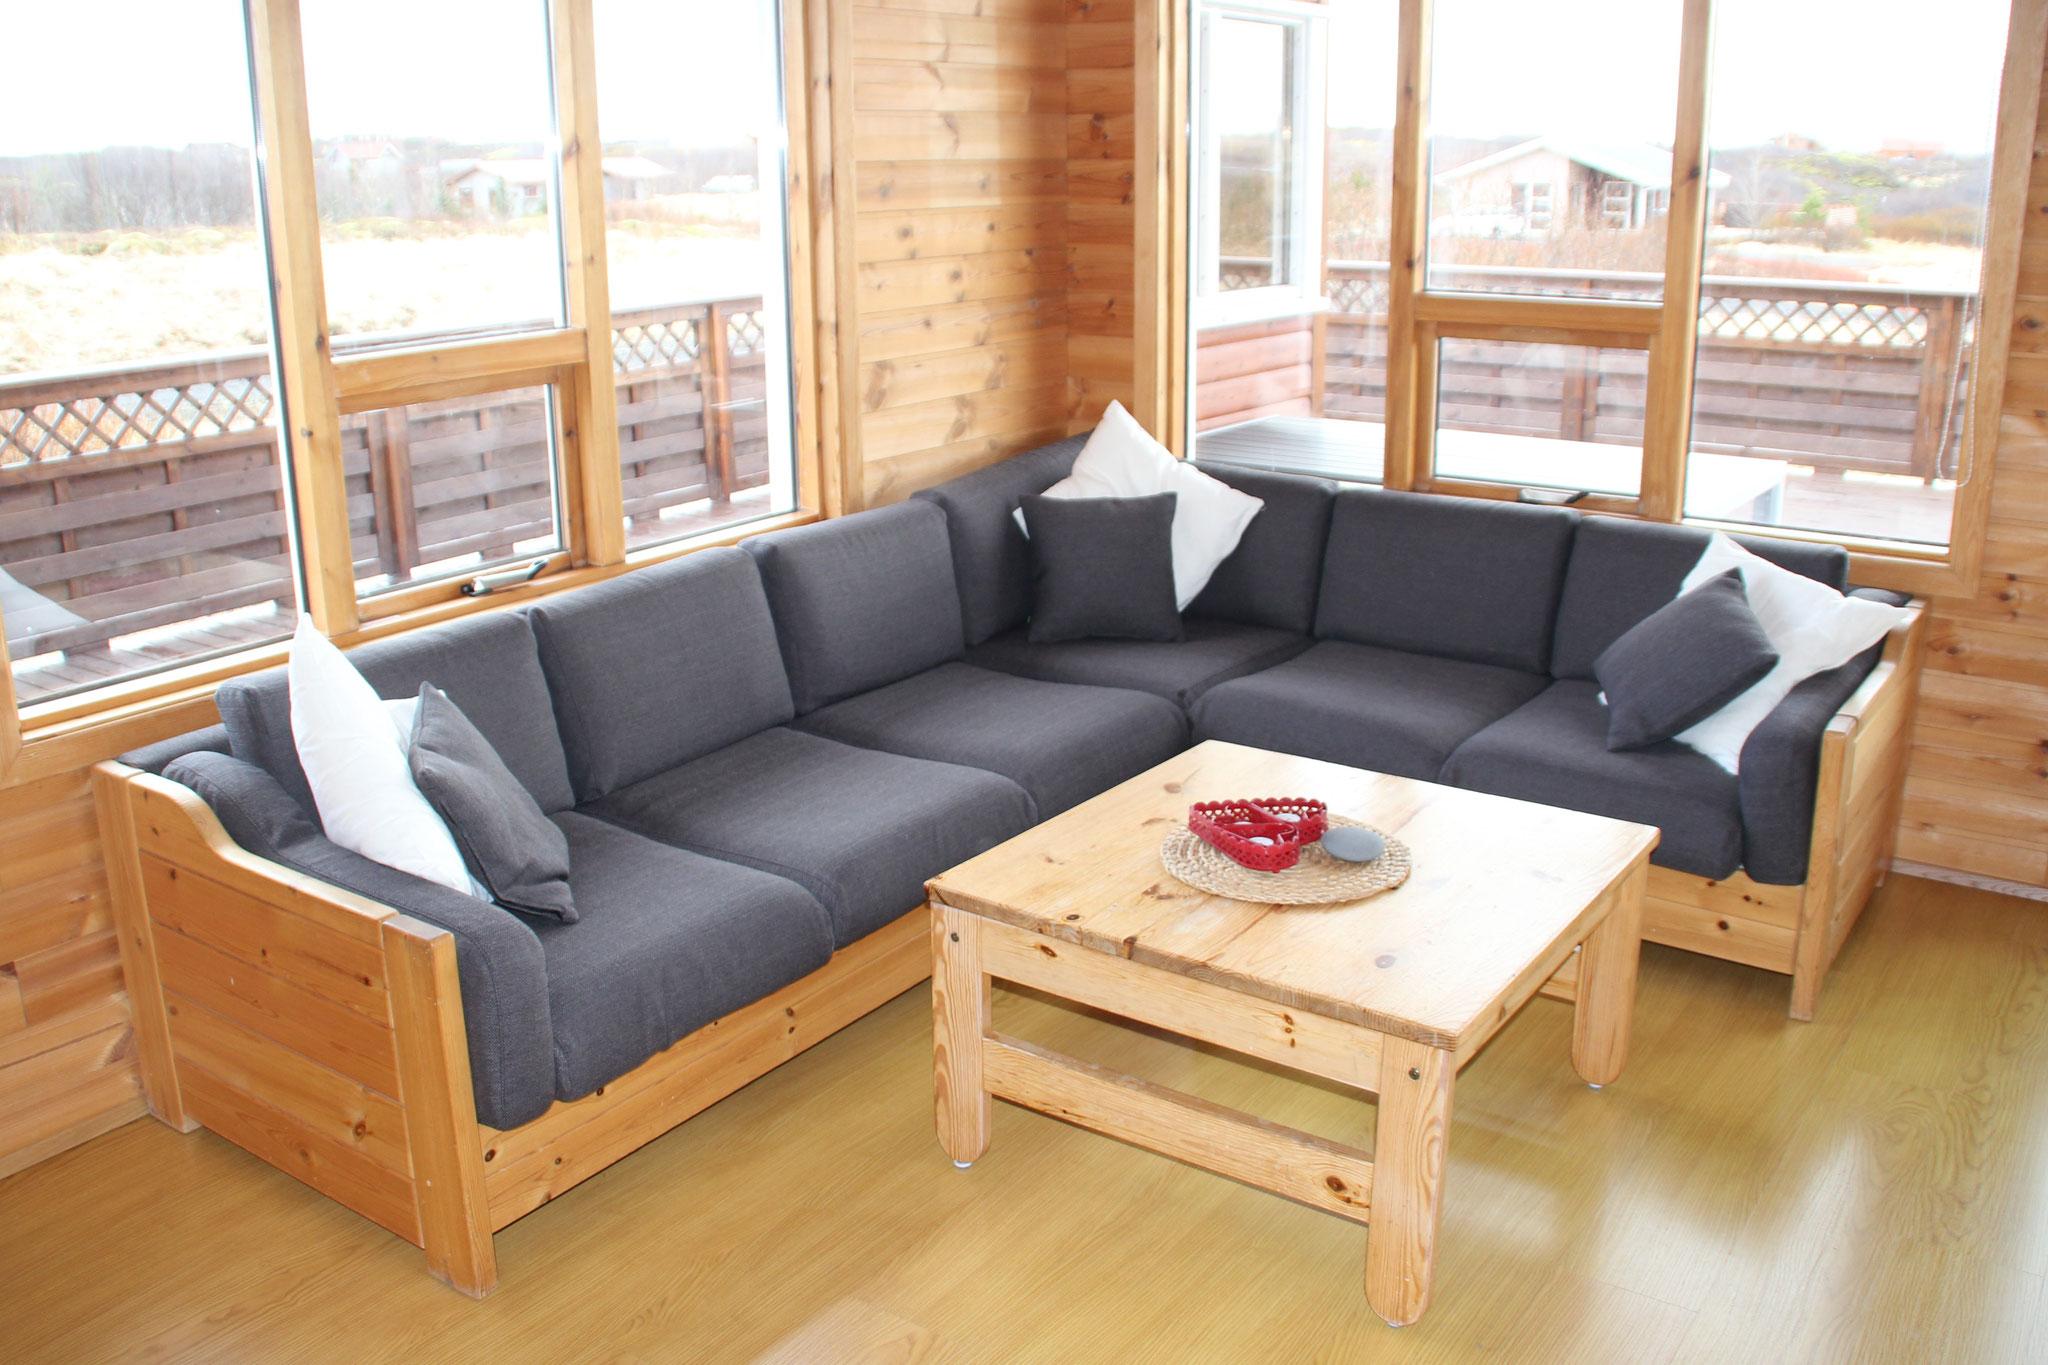 Restauration eines Sofas